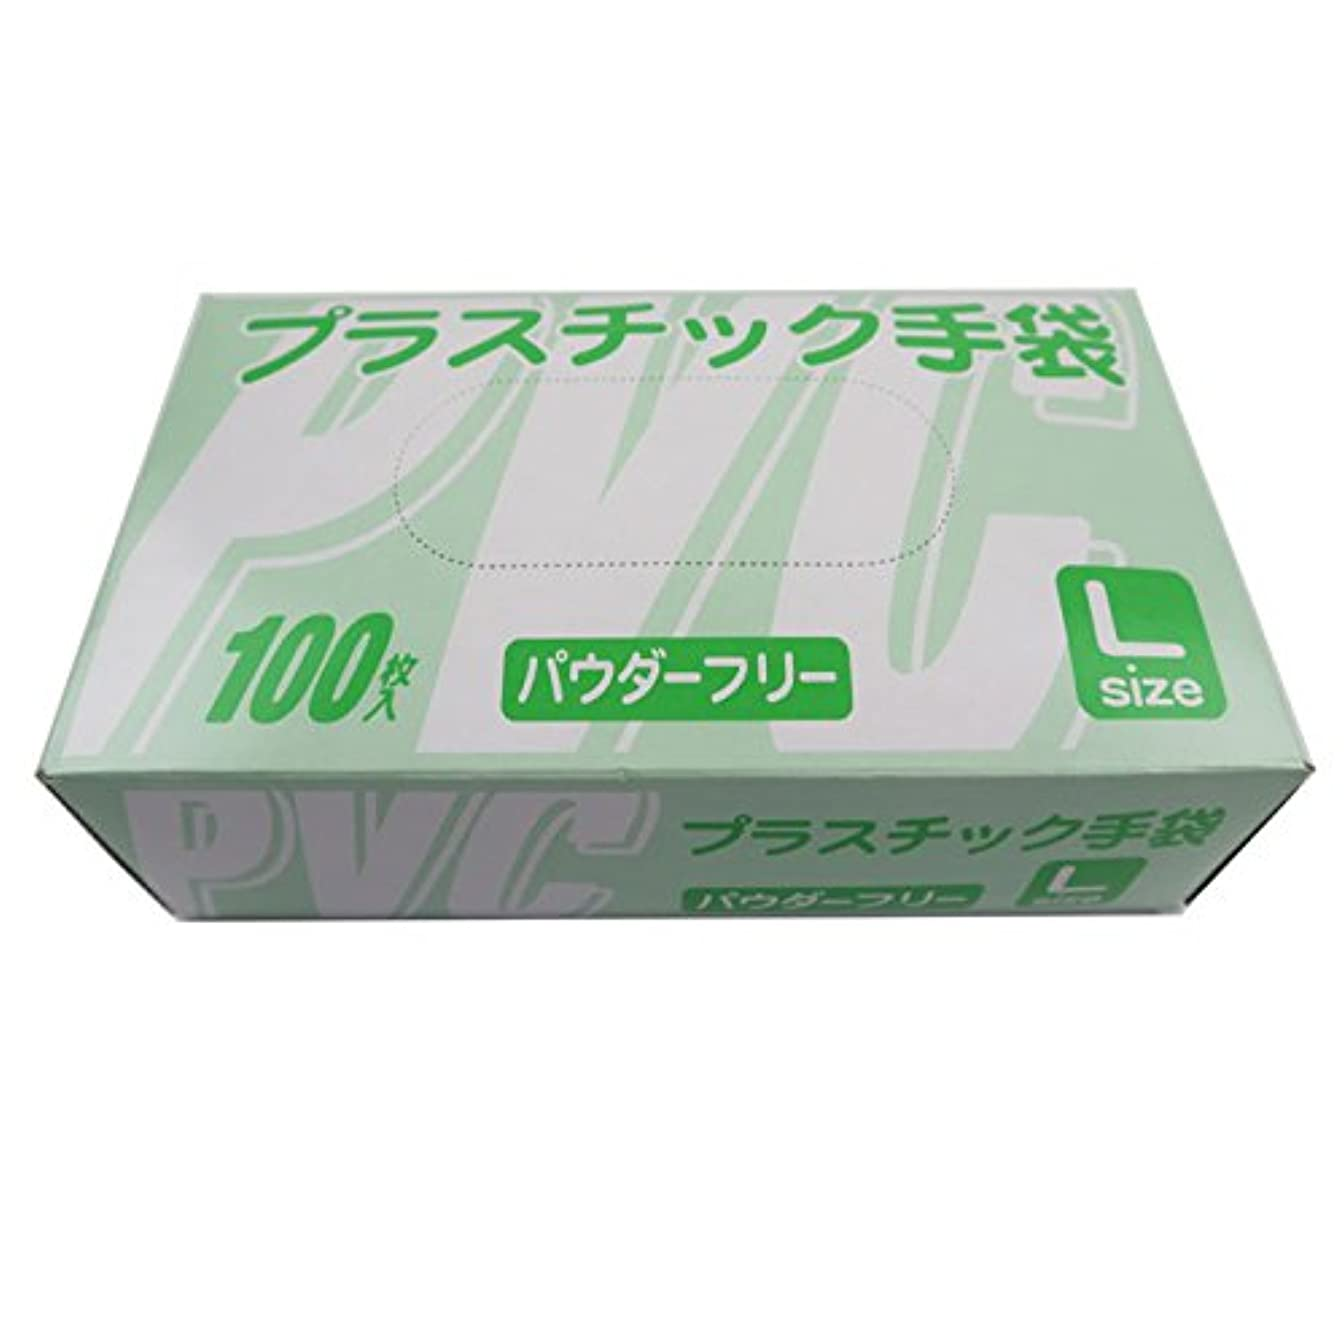 刃焦がす乱れ【お得なセット商品】使い捨て手袋 プラスチックグローブ 粉なし(パウダーフリー) Lサイズ 100枚入×20個 超薄手 100433